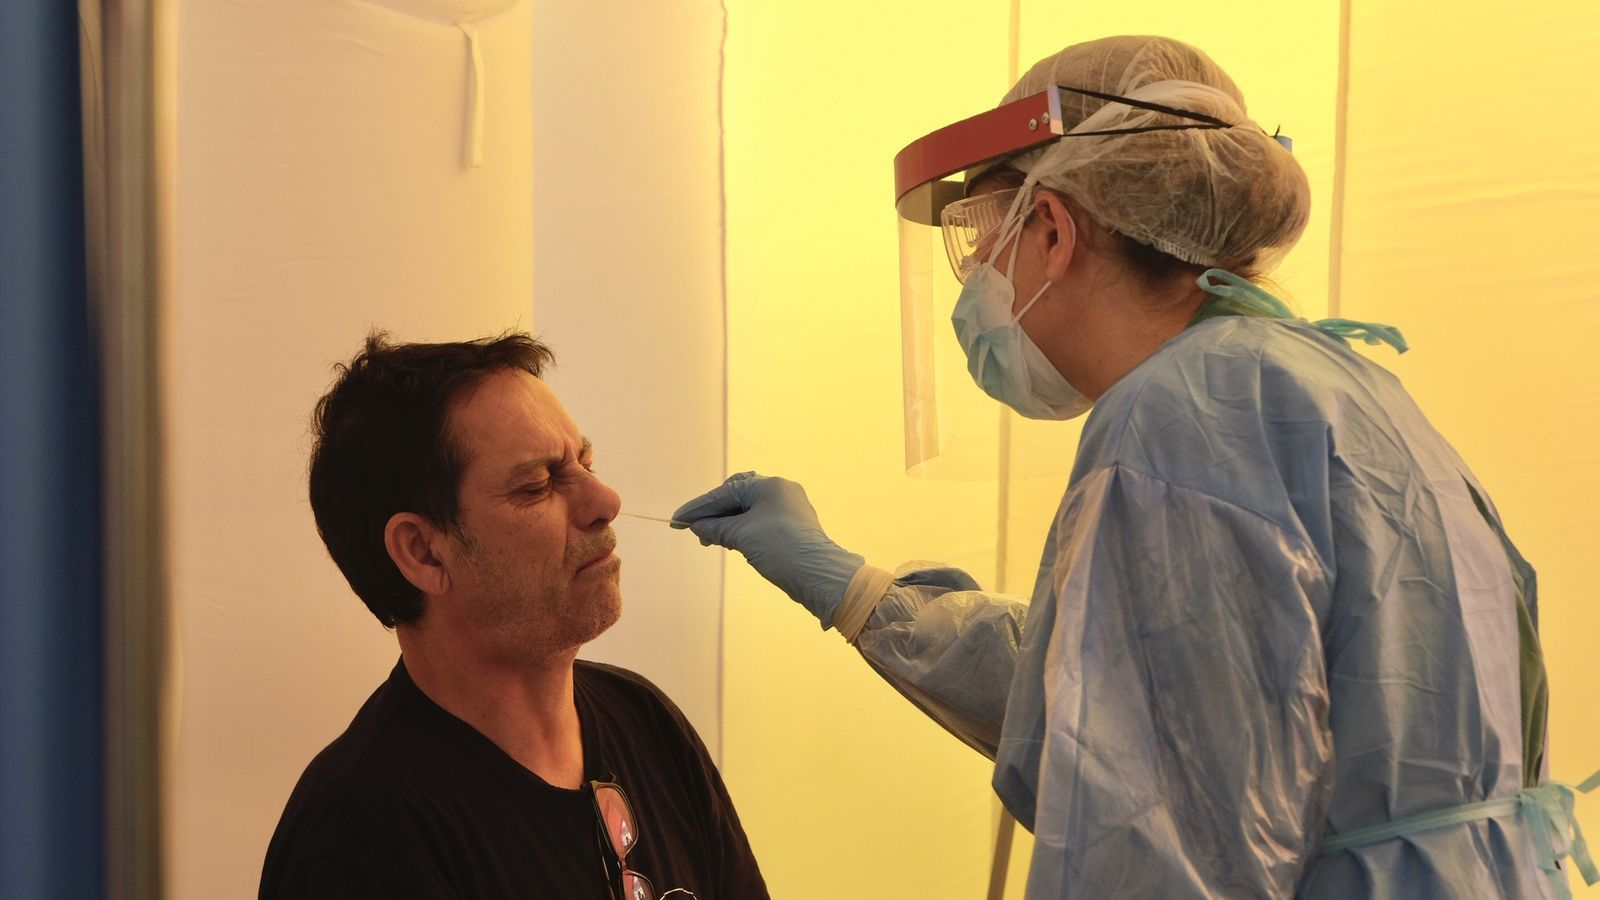 Salut fa 7.000 PCR als cribatges massius del Vallès i detecta 160 asimptomàtics